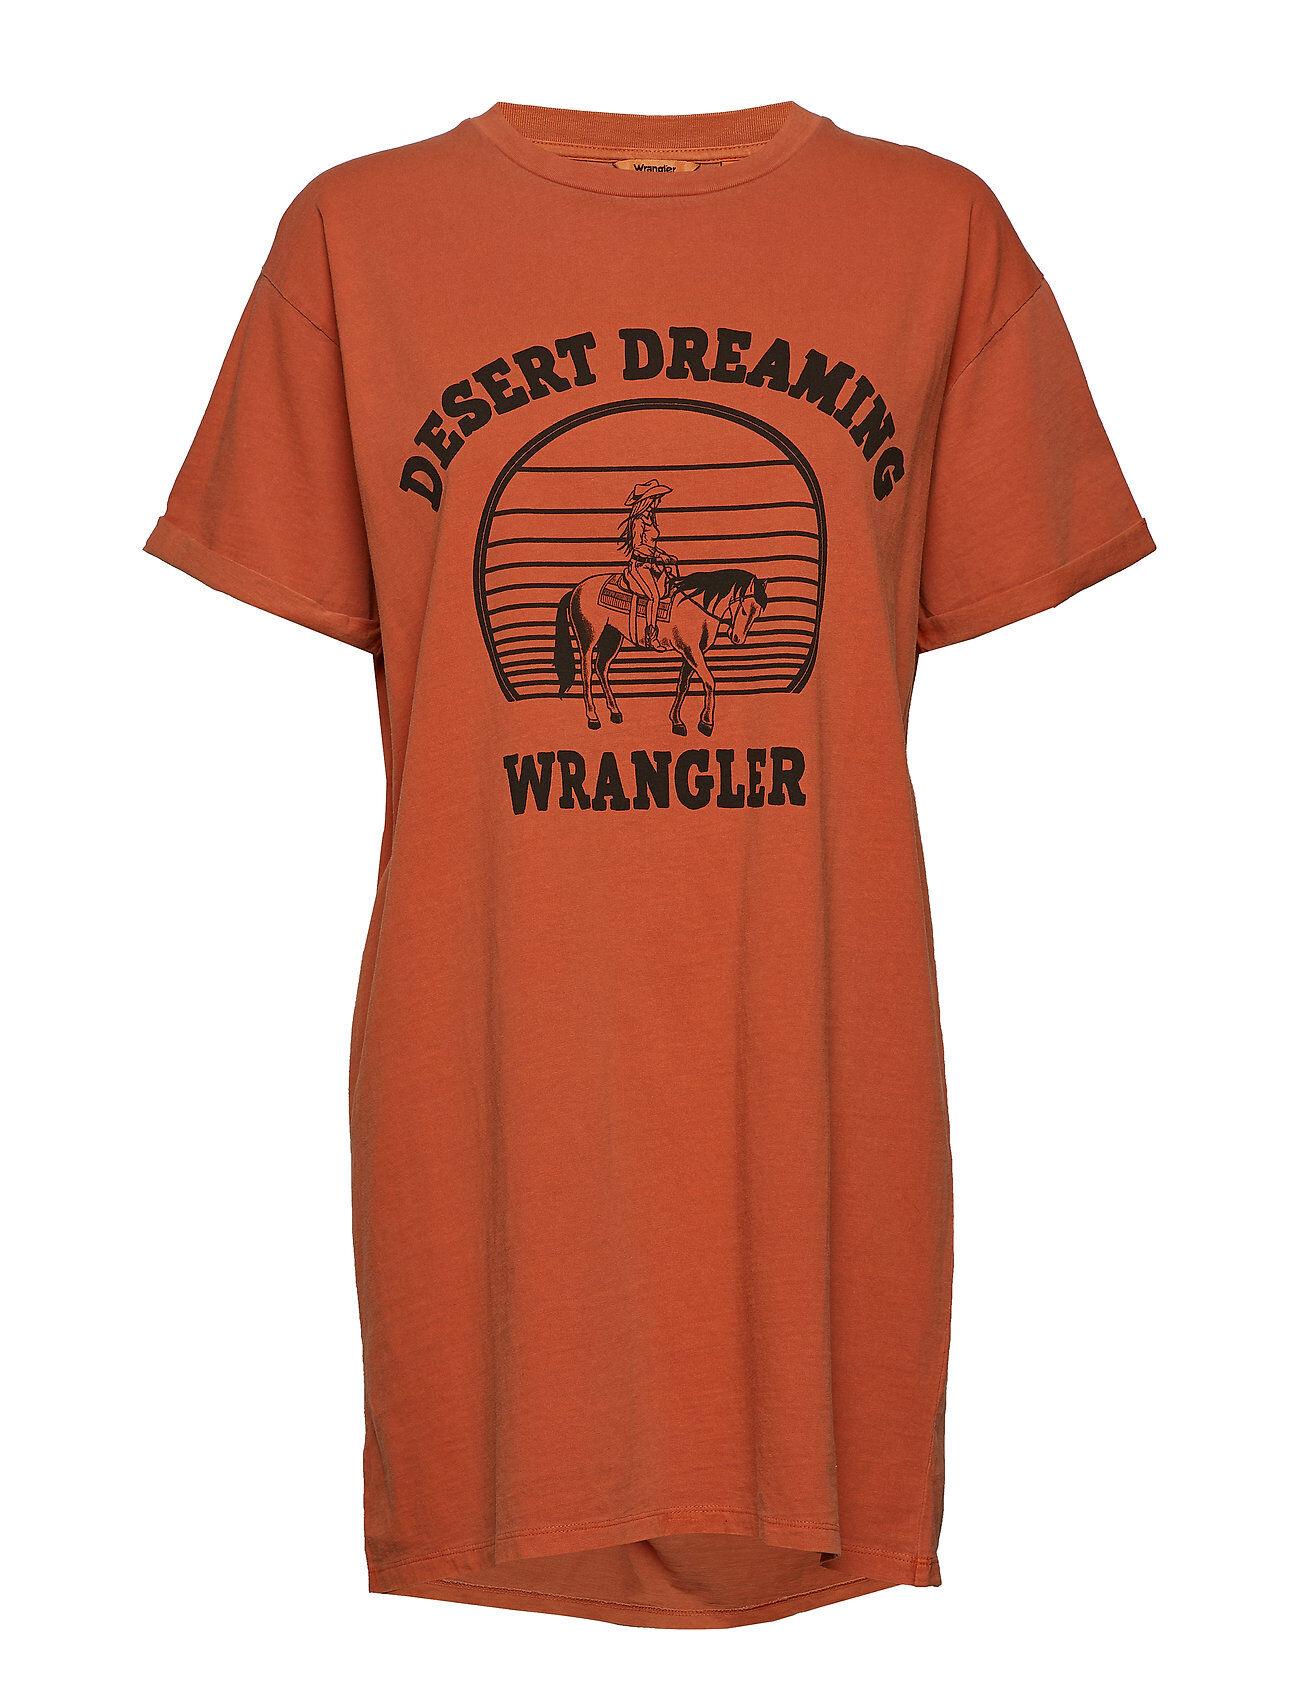 Wrangler Tee Dress